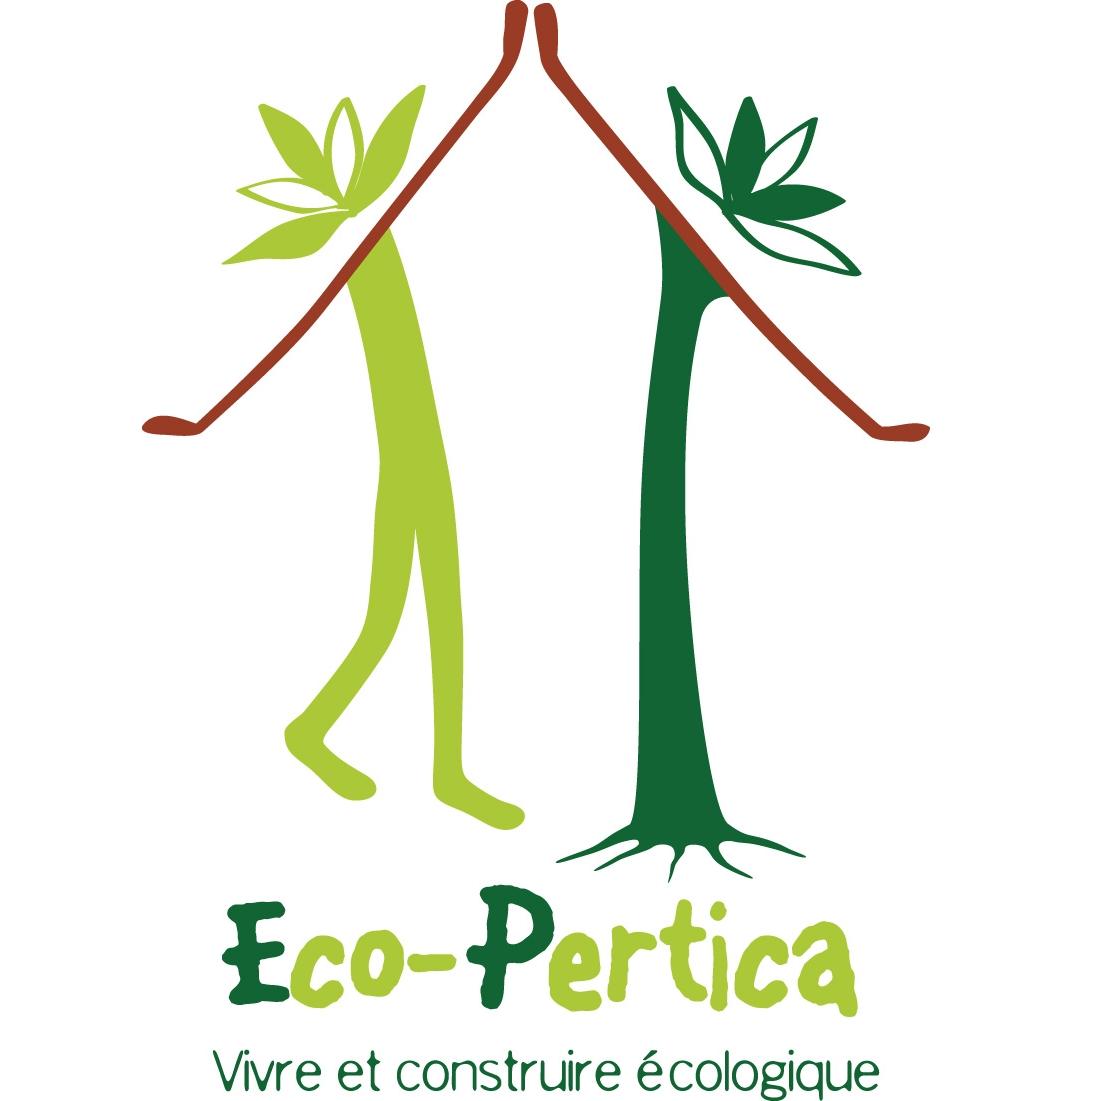 Eco-Pertica recrute un·e Chargé·e d'affaires en rénovation énergétique du bâtiment